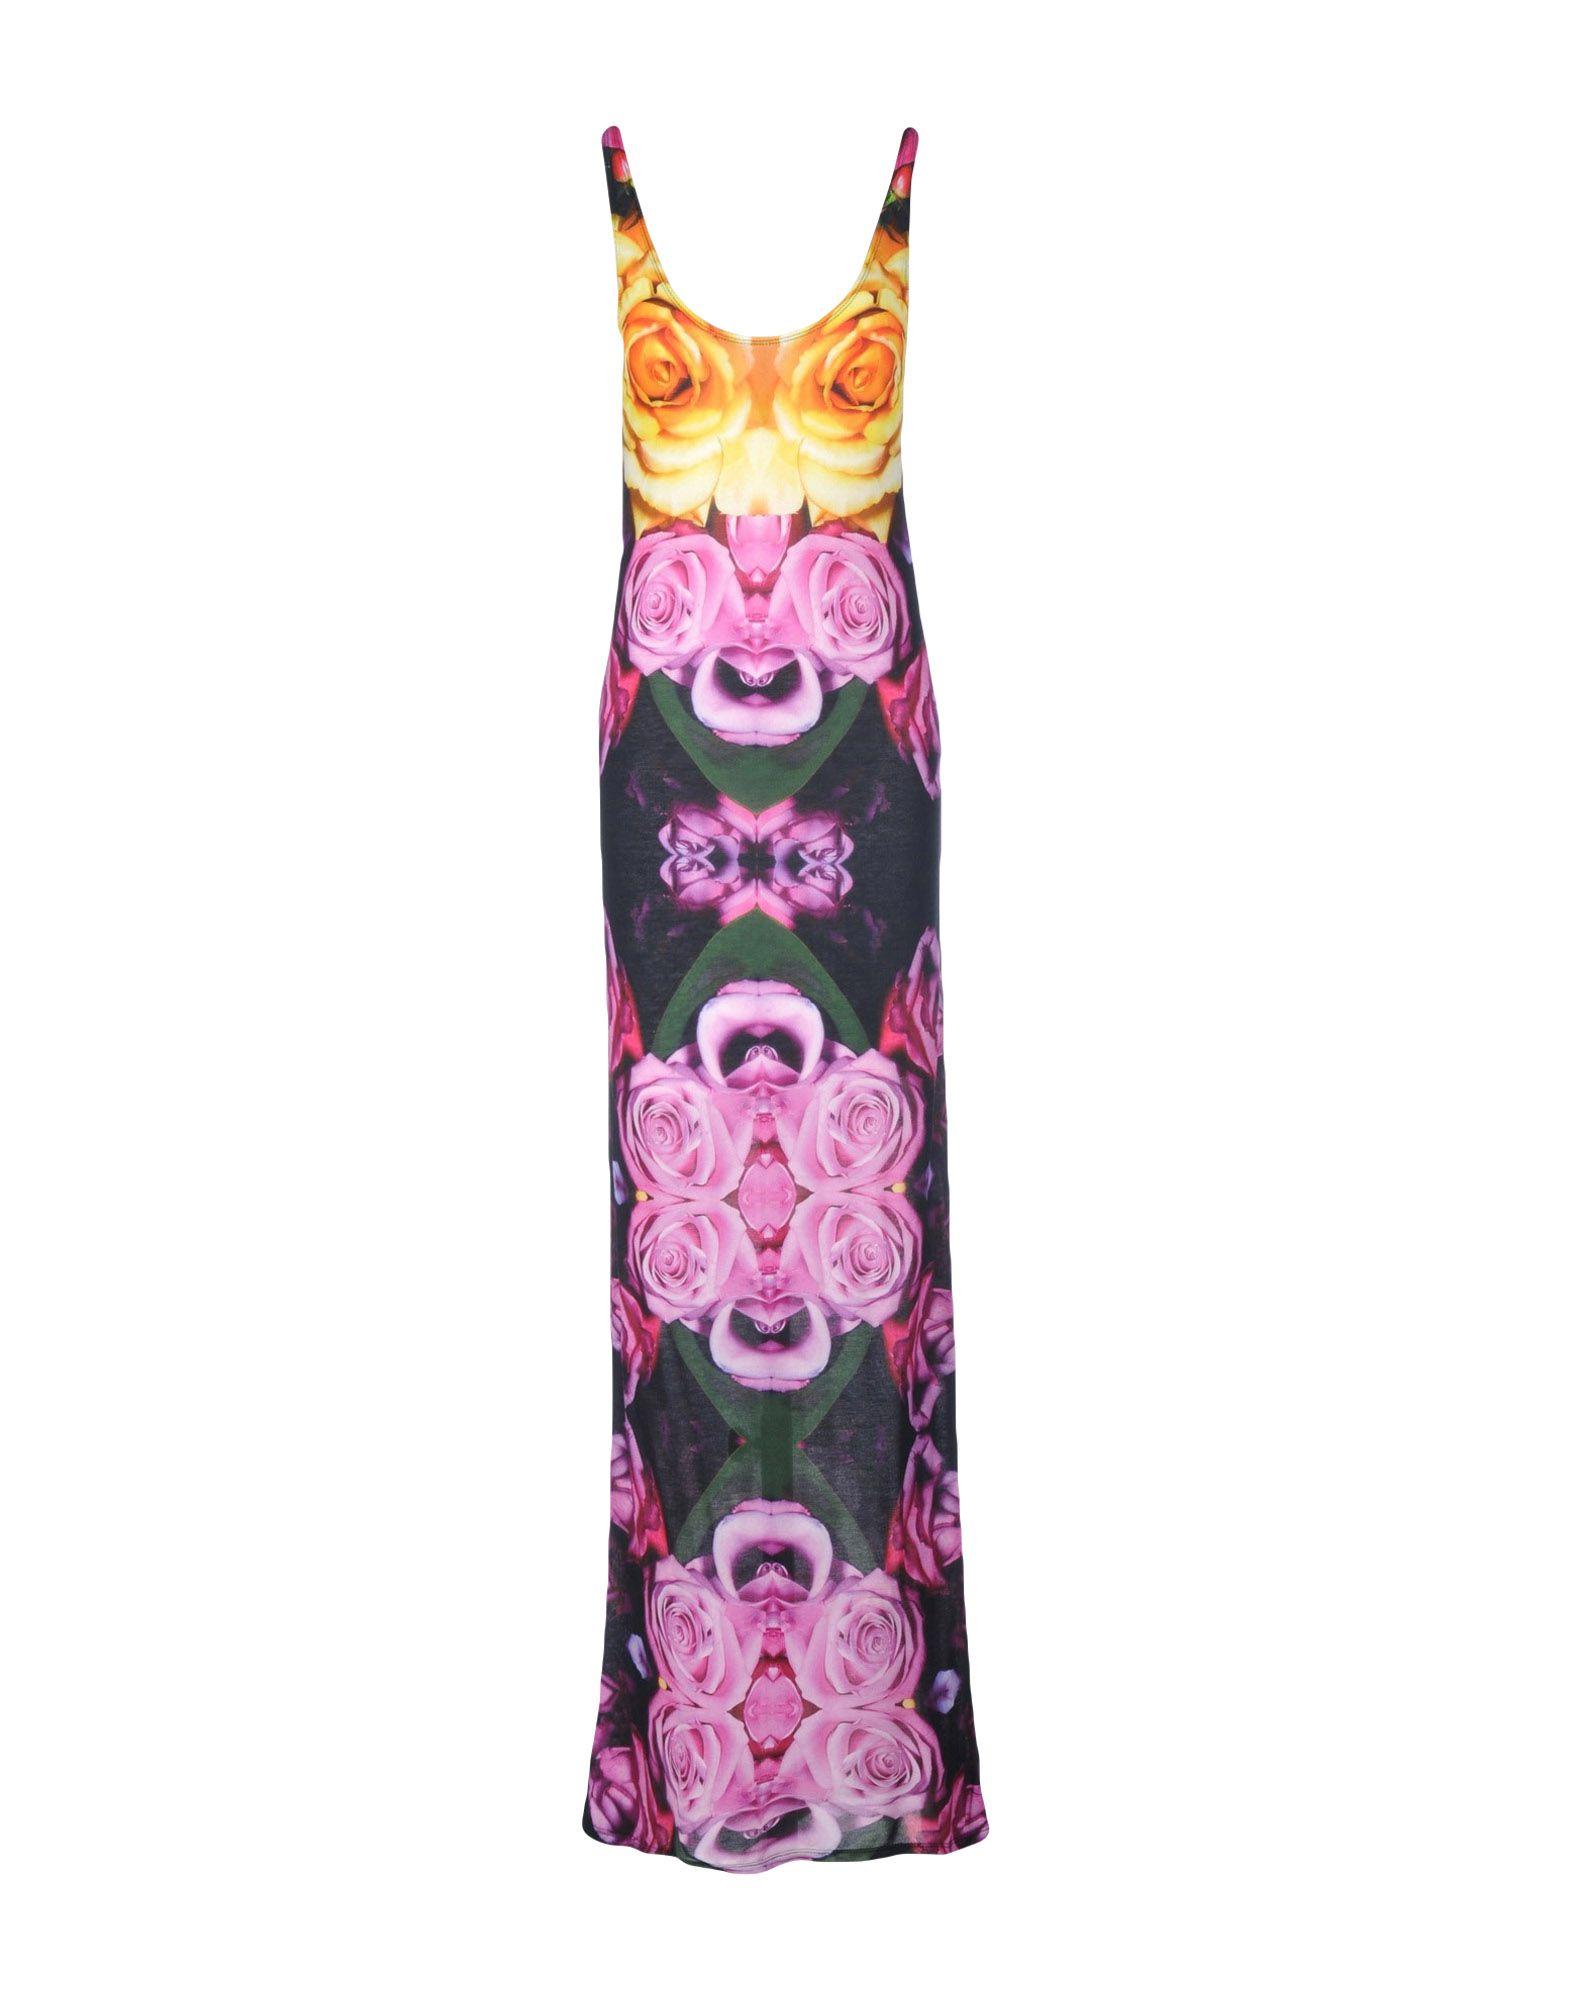 TOTHEM Long Dress in Light Purple